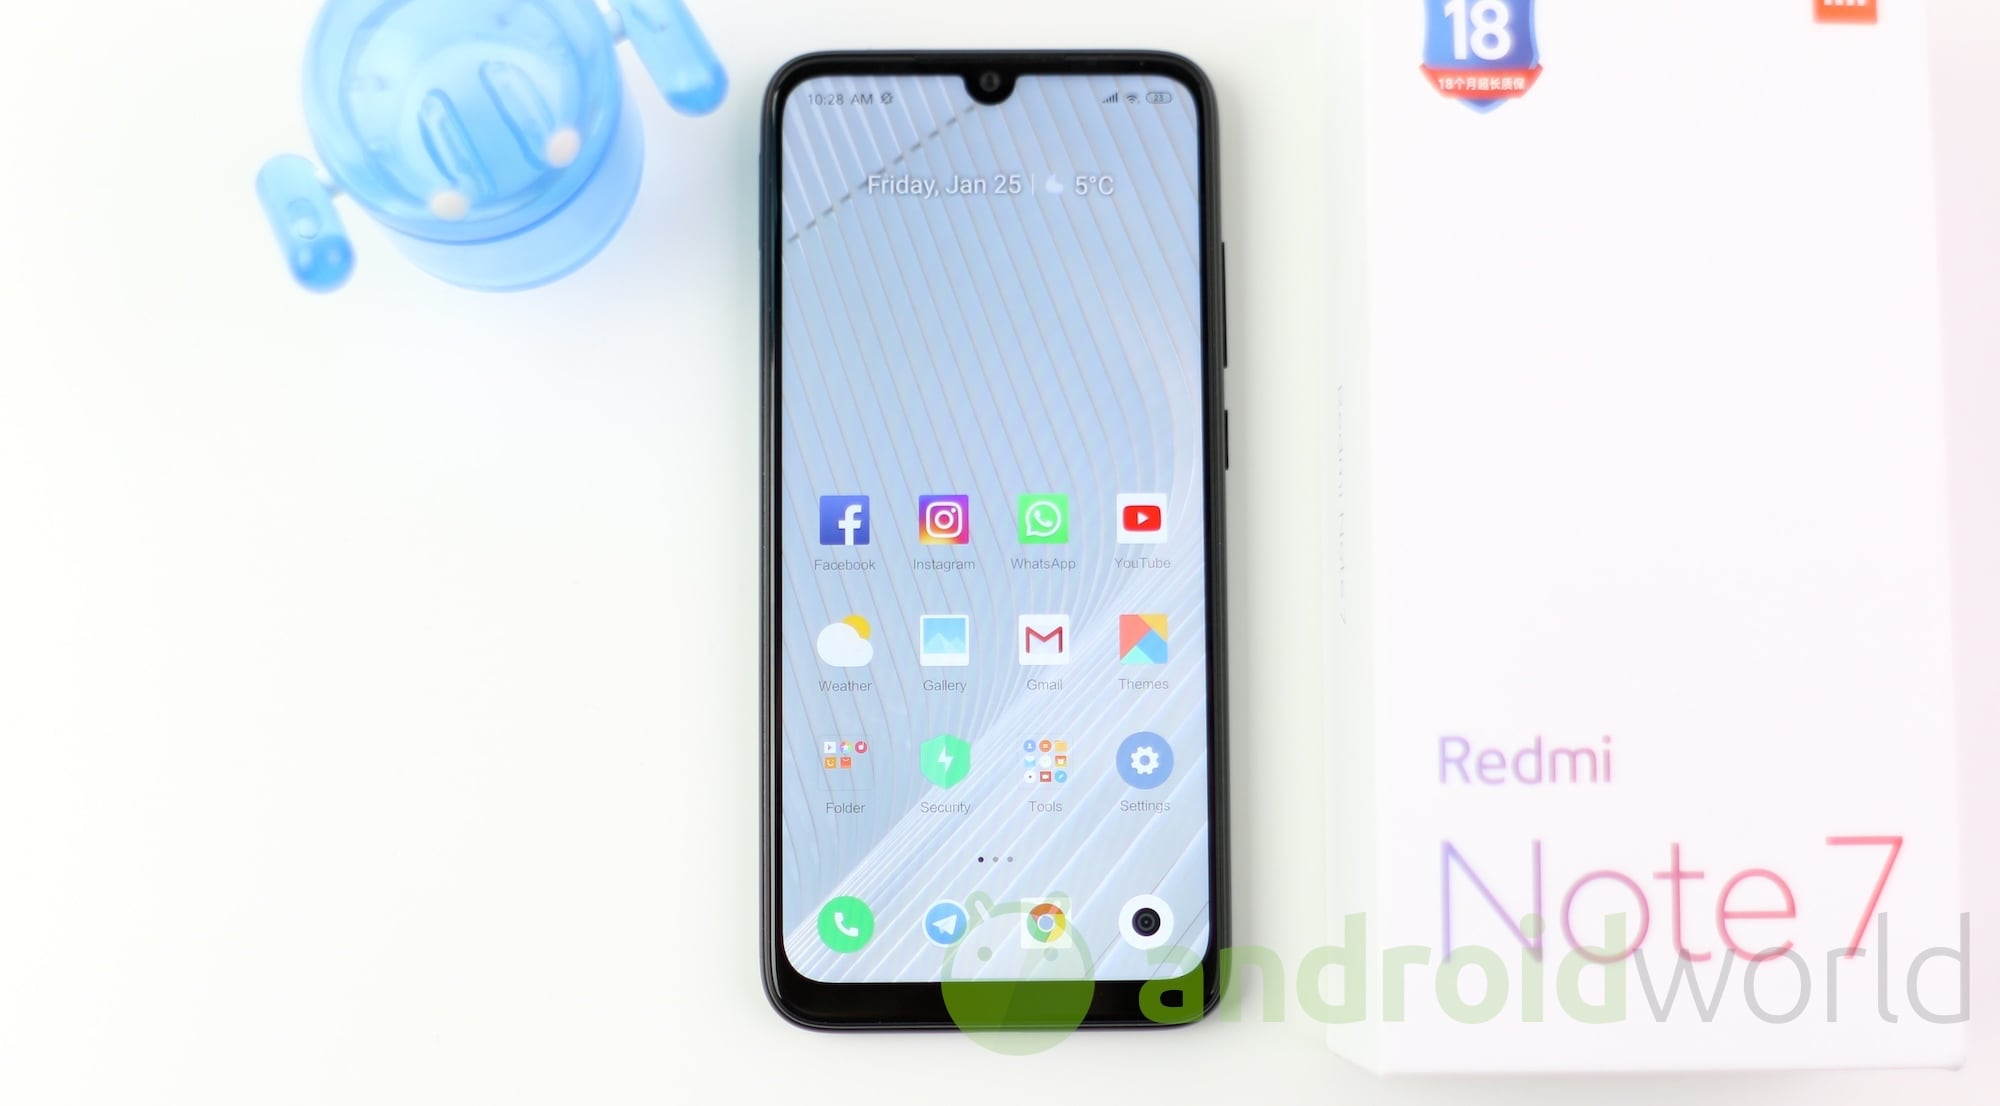 Redmi Note 7 def – 2